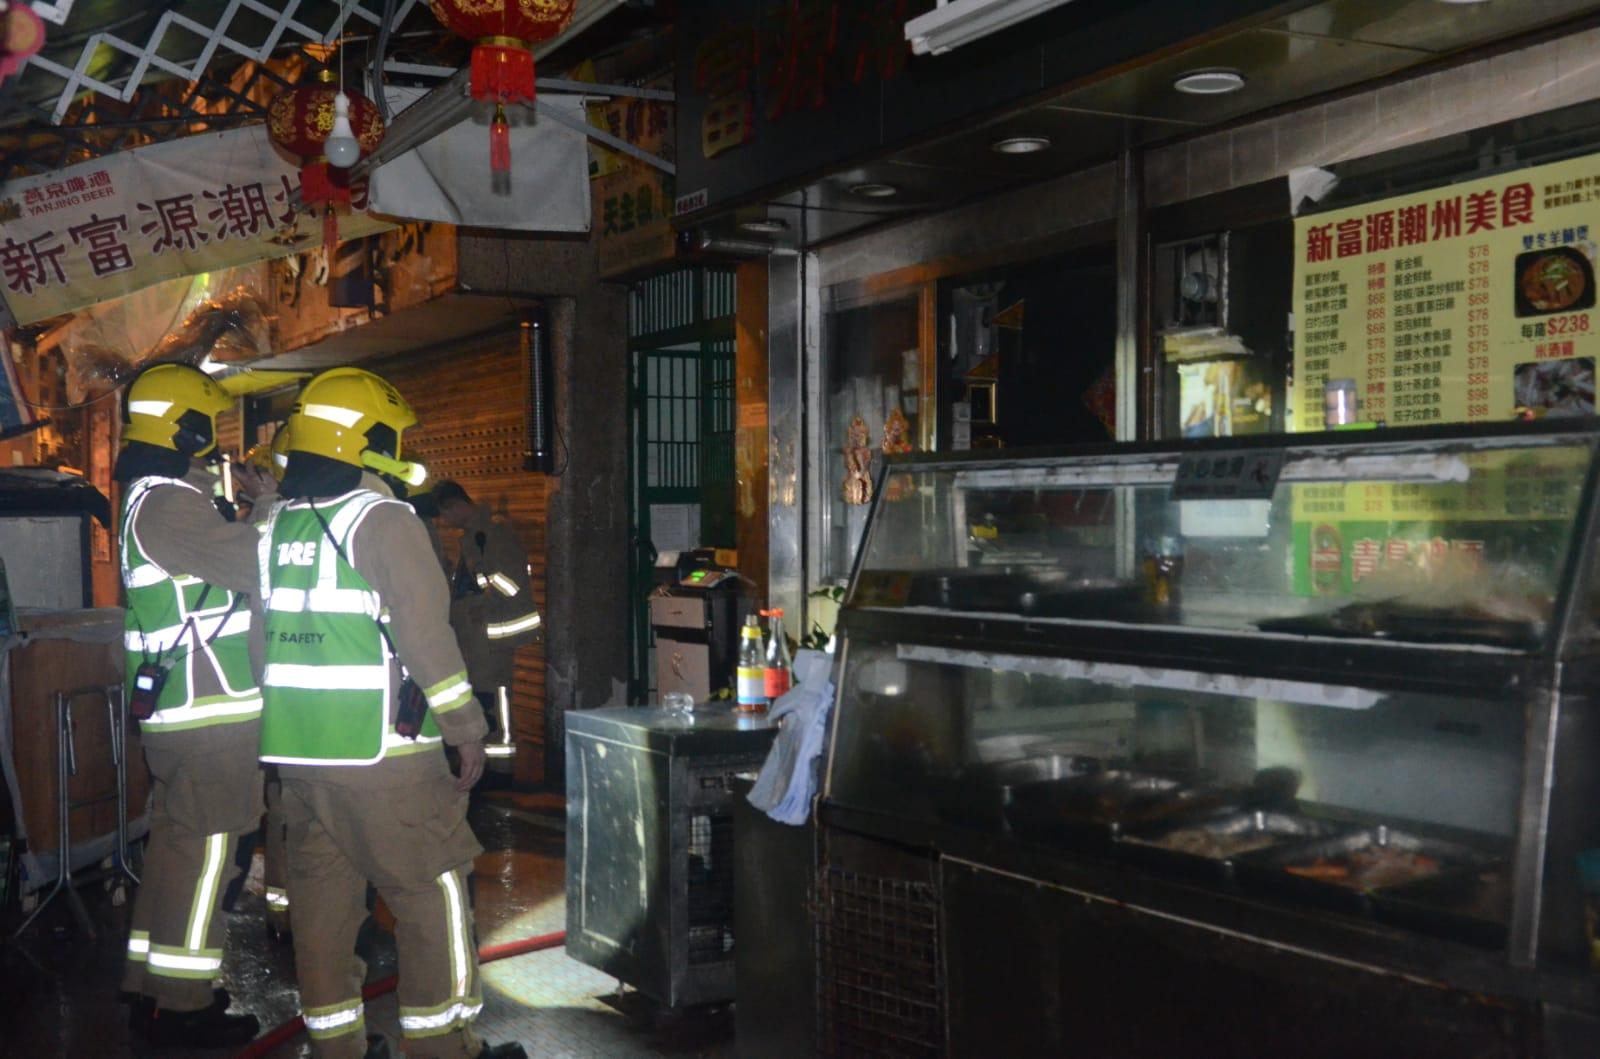 由於廚房器具及食材被燒毀,女店東估計損失逾10萬元。